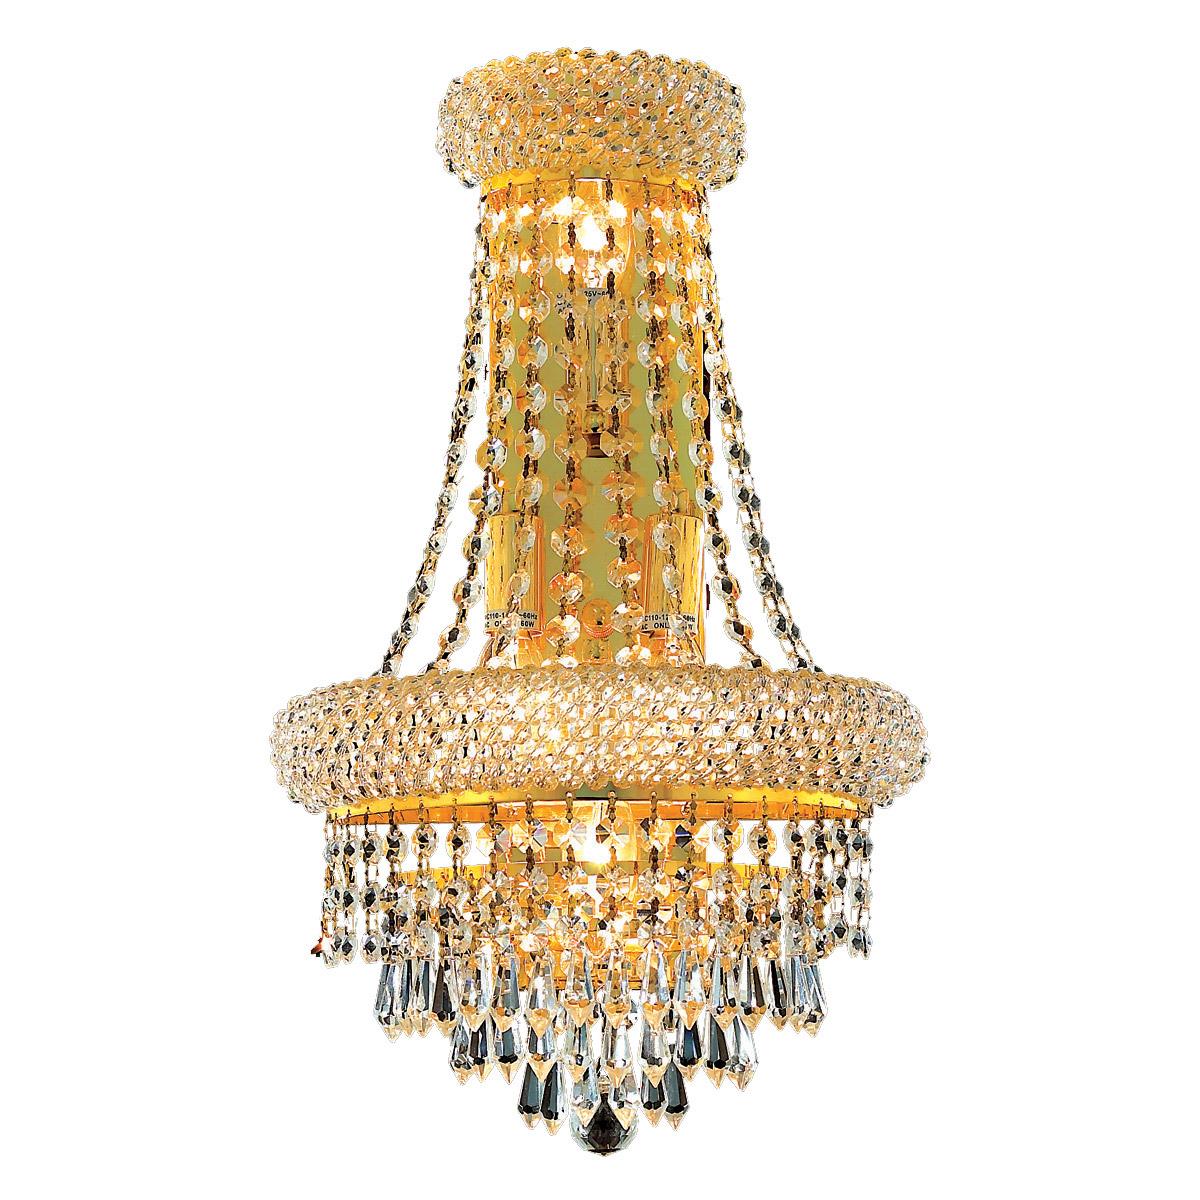 Image of: Lampara De Pared De Cristal Oro Comedor Sala Dormitorio Bano Cocina 4 Luz 18 Ebay